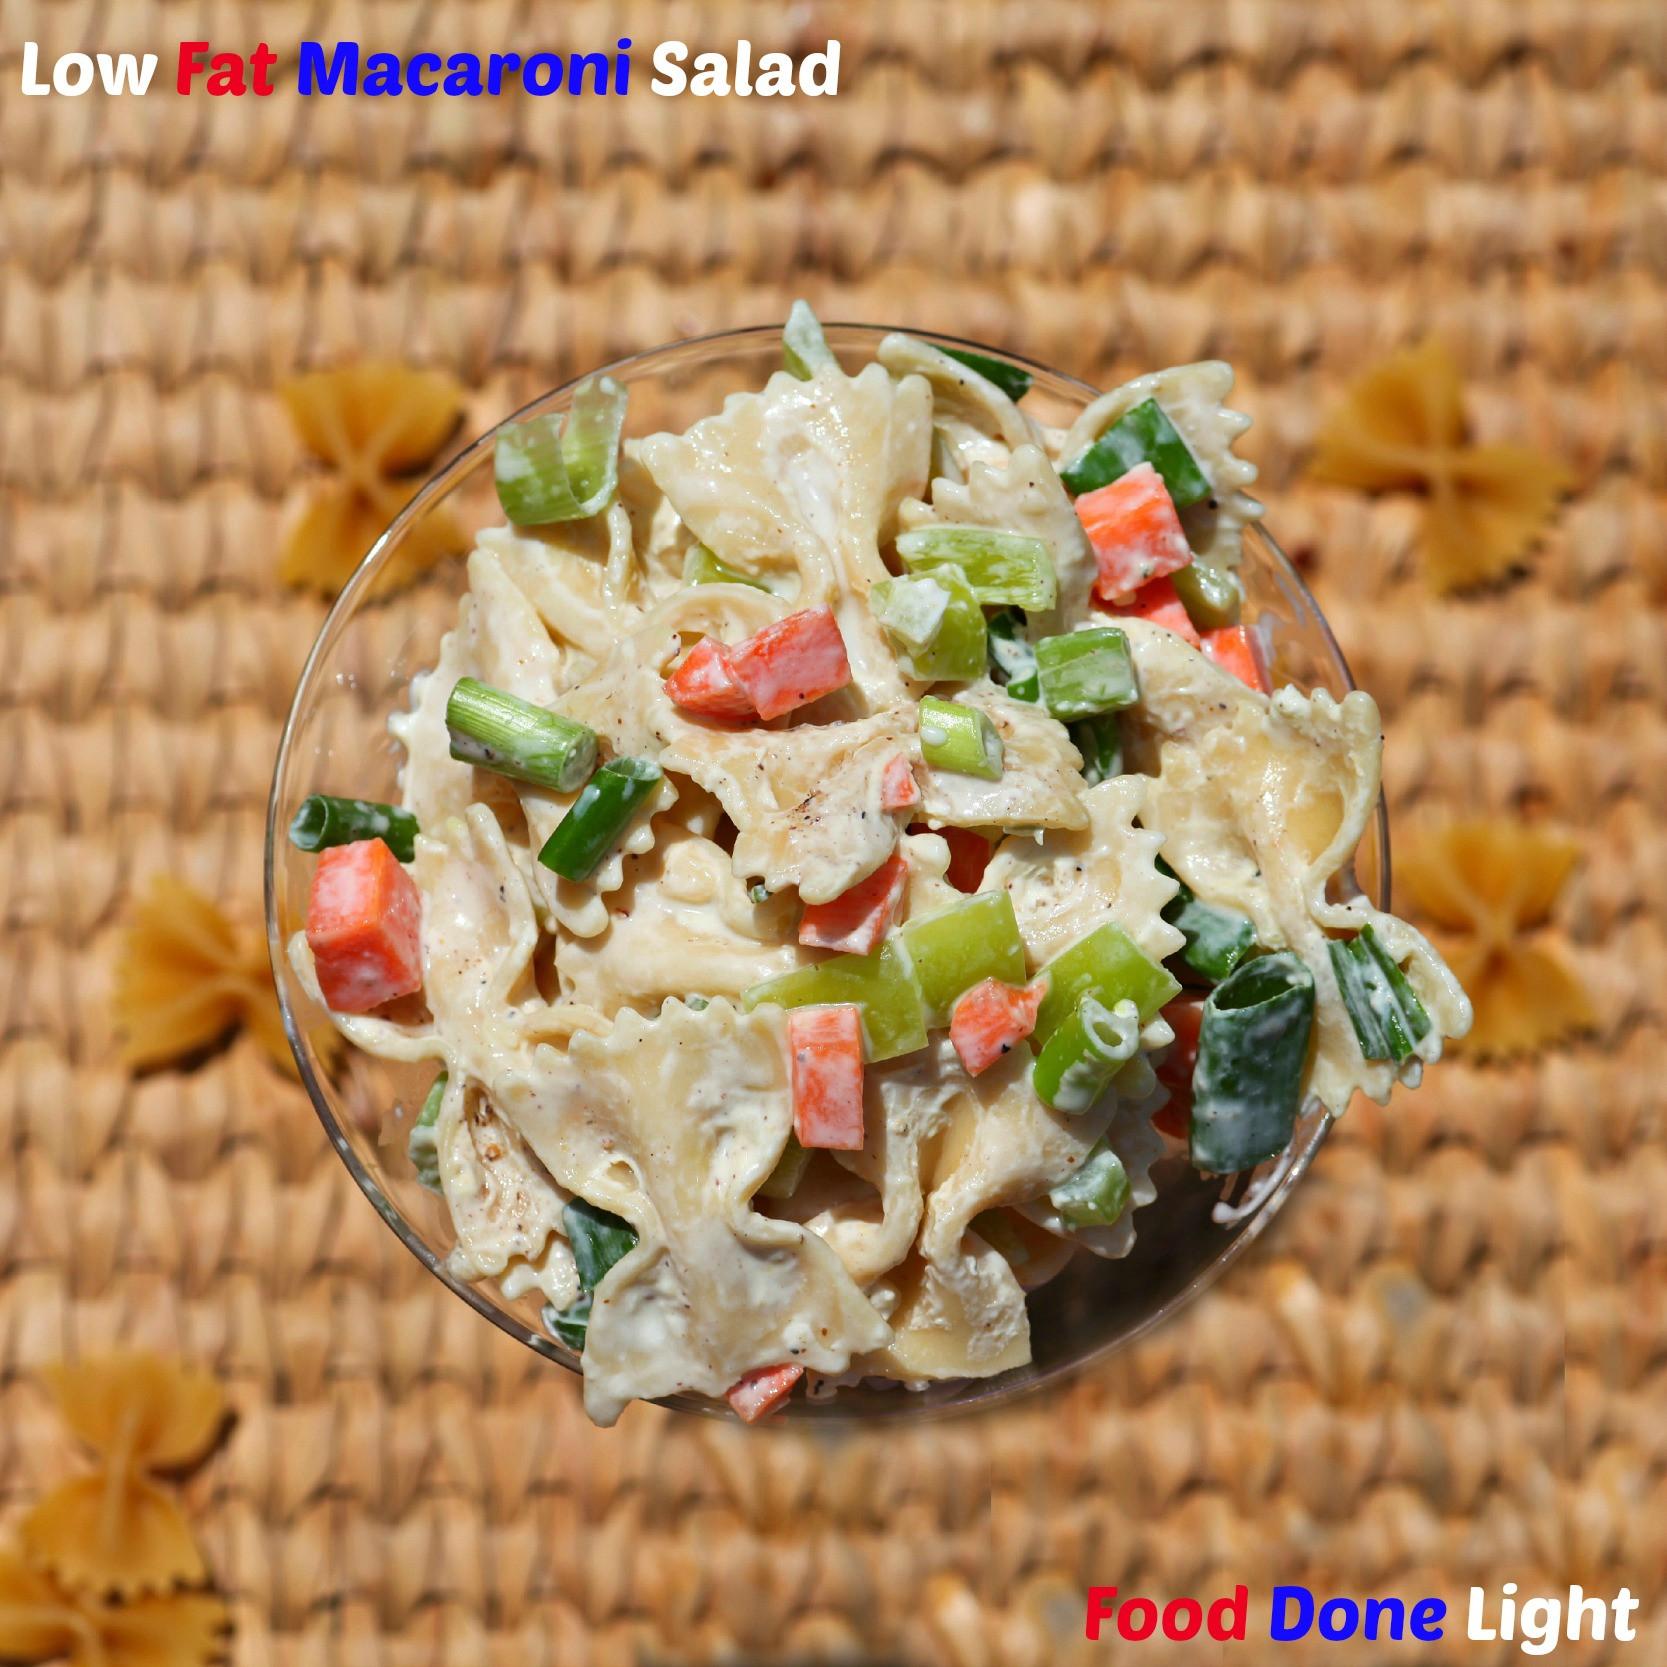 Low Calorie Pasta Salad Recipes  Low Fat Macaroni Salad